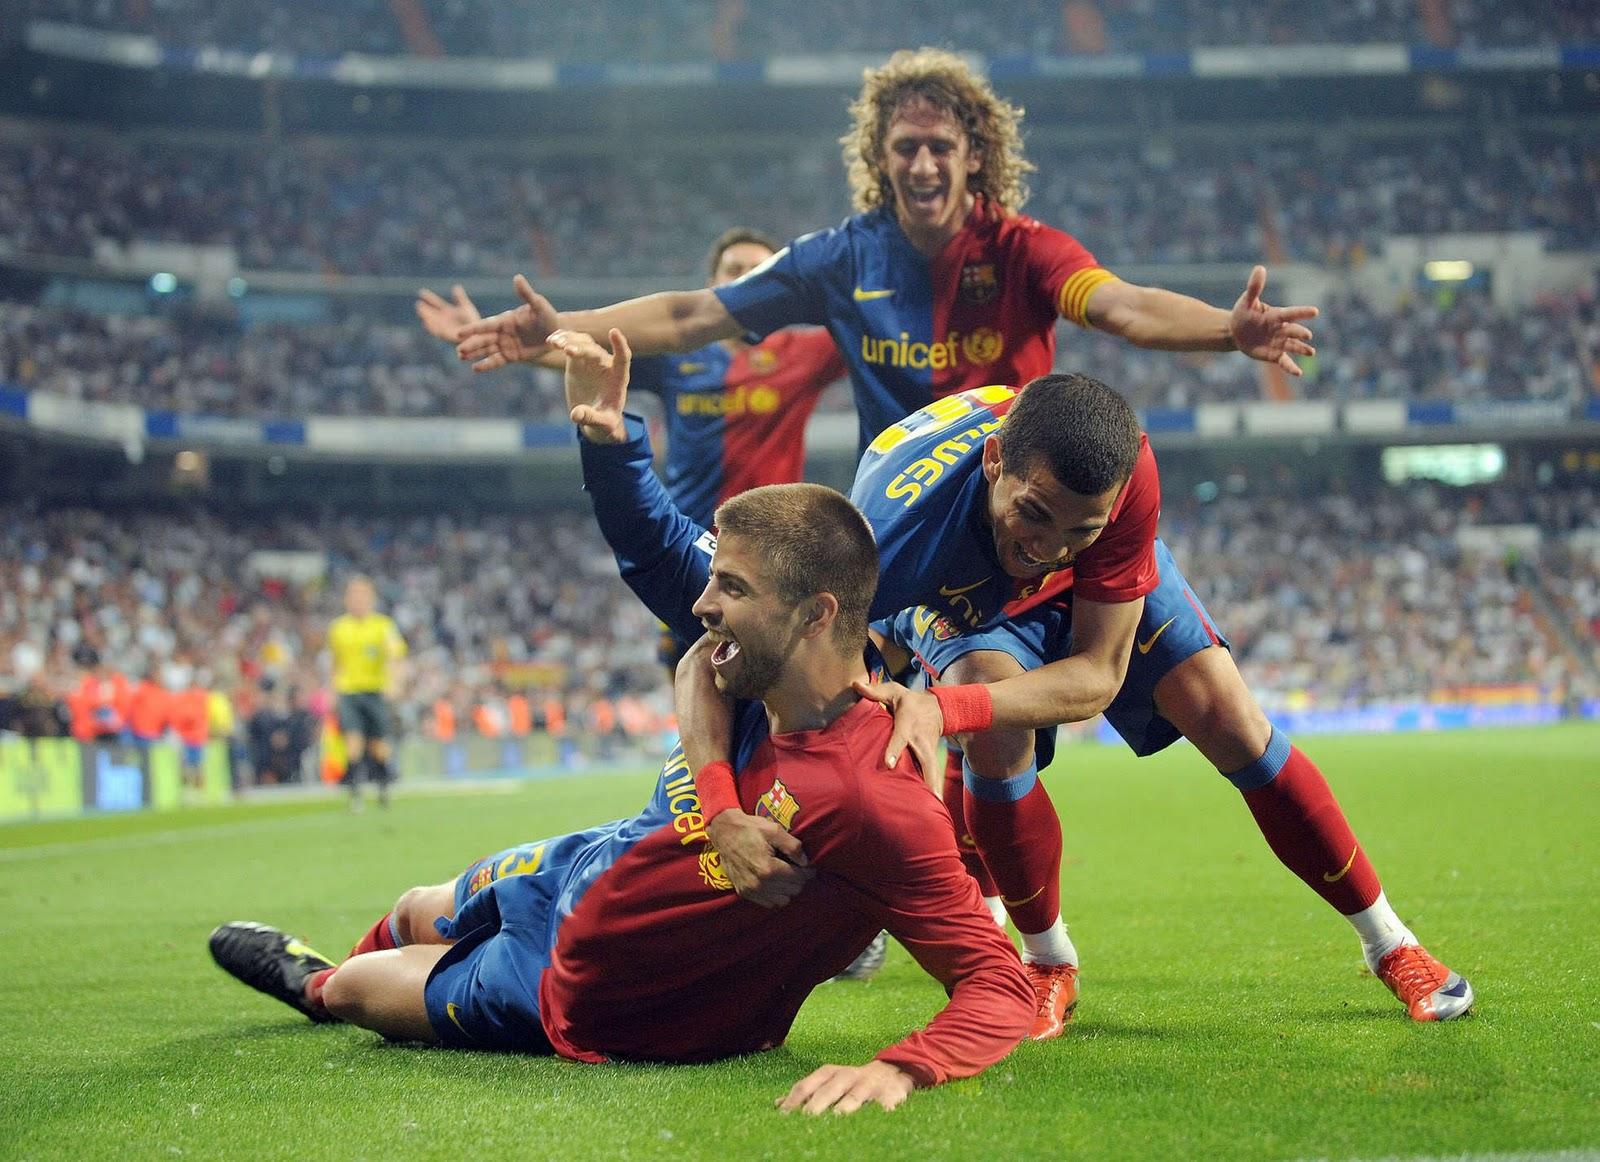 http://2.bp.blogspot.com/-aH65wP61OPQ/TpUo07PX9hI/AAAAAAAAASs/BYUucEtq8Pw/s1600/Gerard-Pique-soccer-wallpaper.jpg